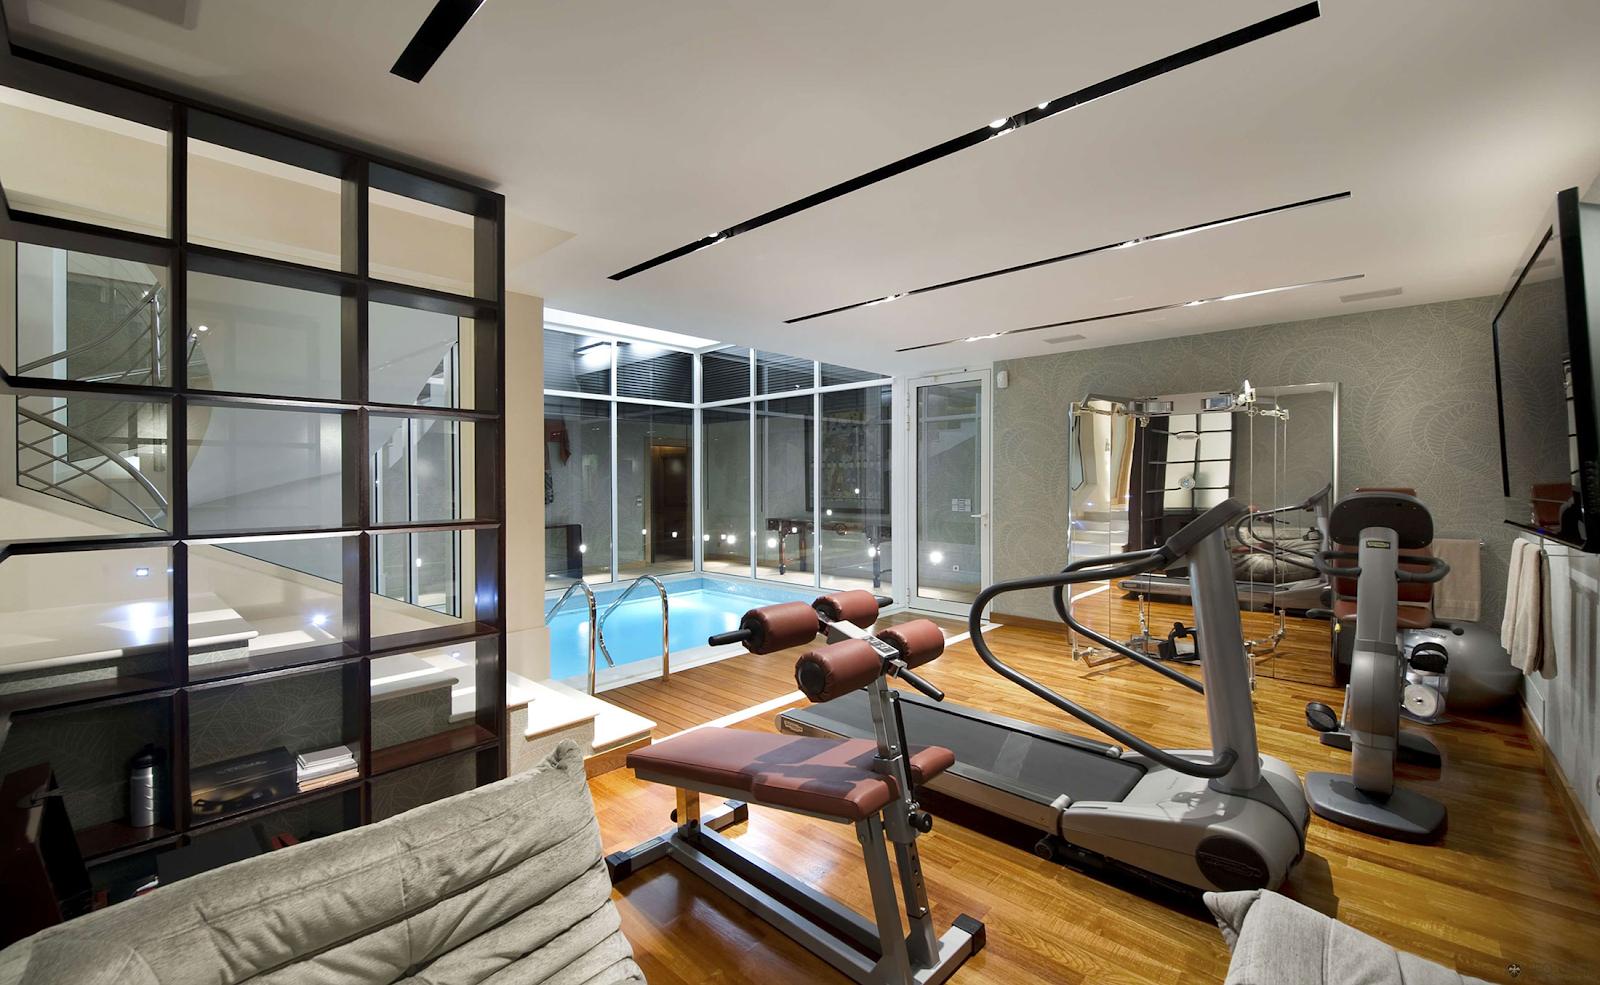 Phòng gym kết hợp bể bơi